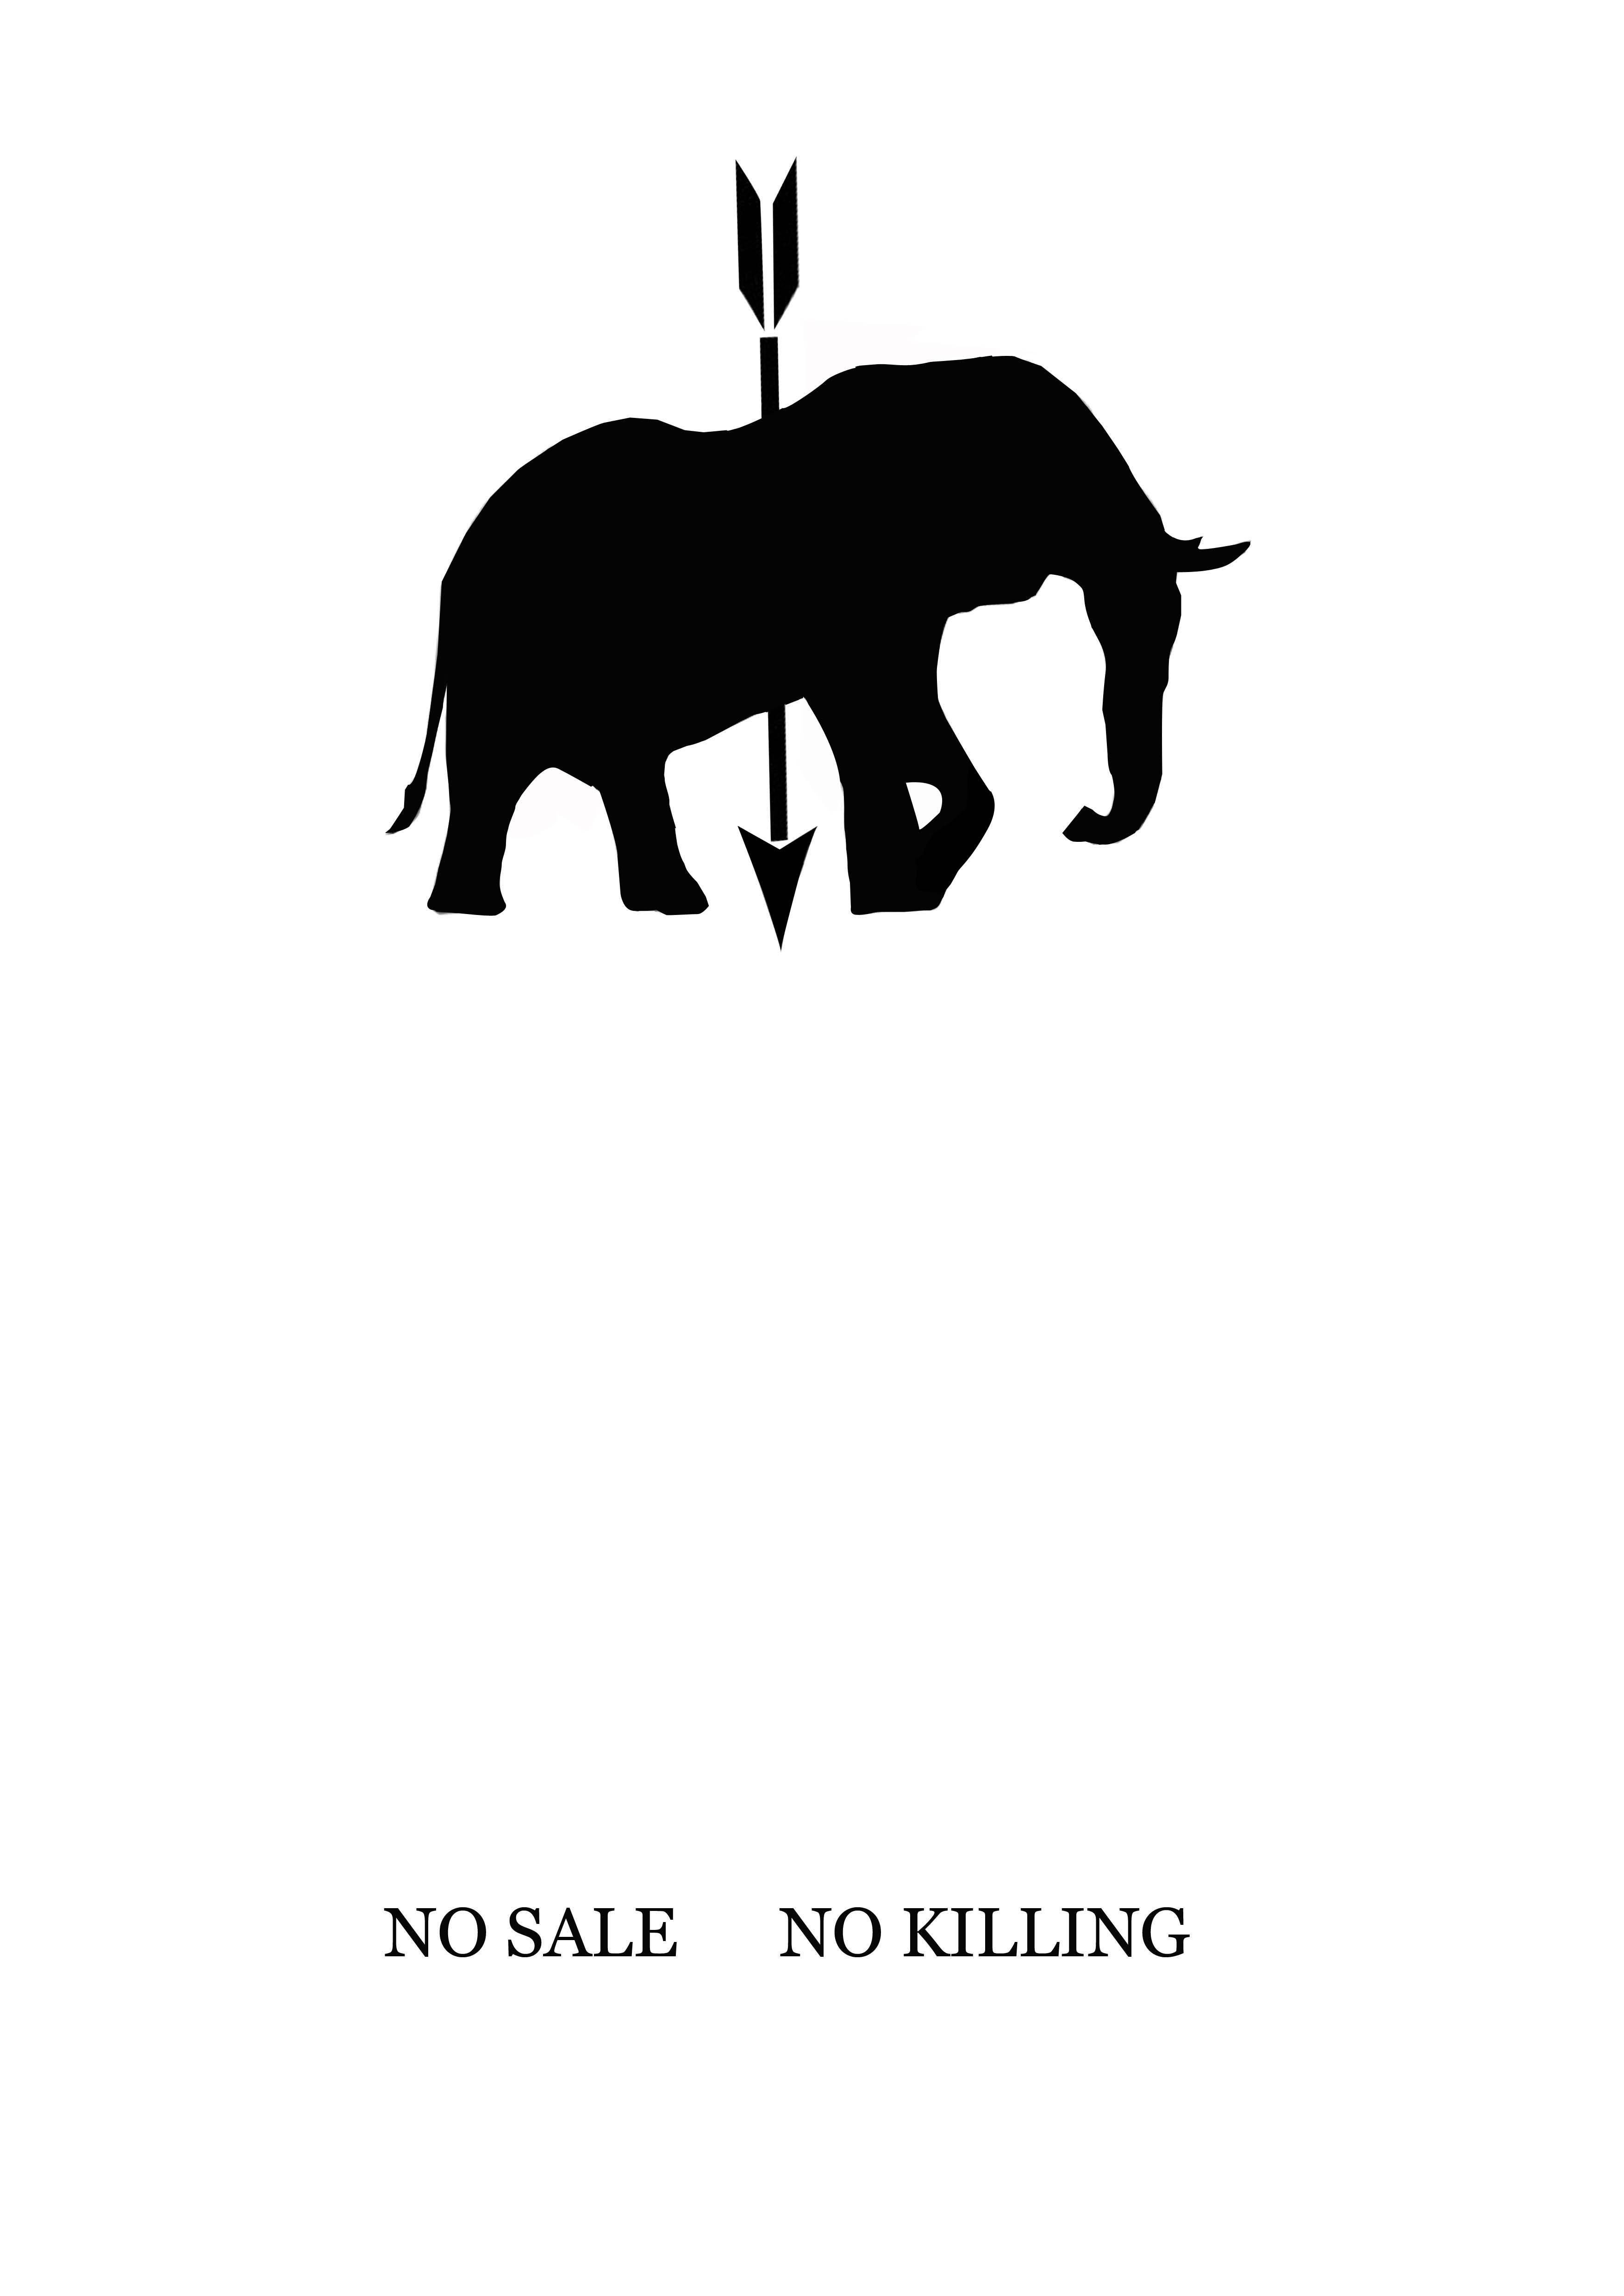 公益广告海报|平面|海报|蔡小熊 - 原创作品 - 站酷图片